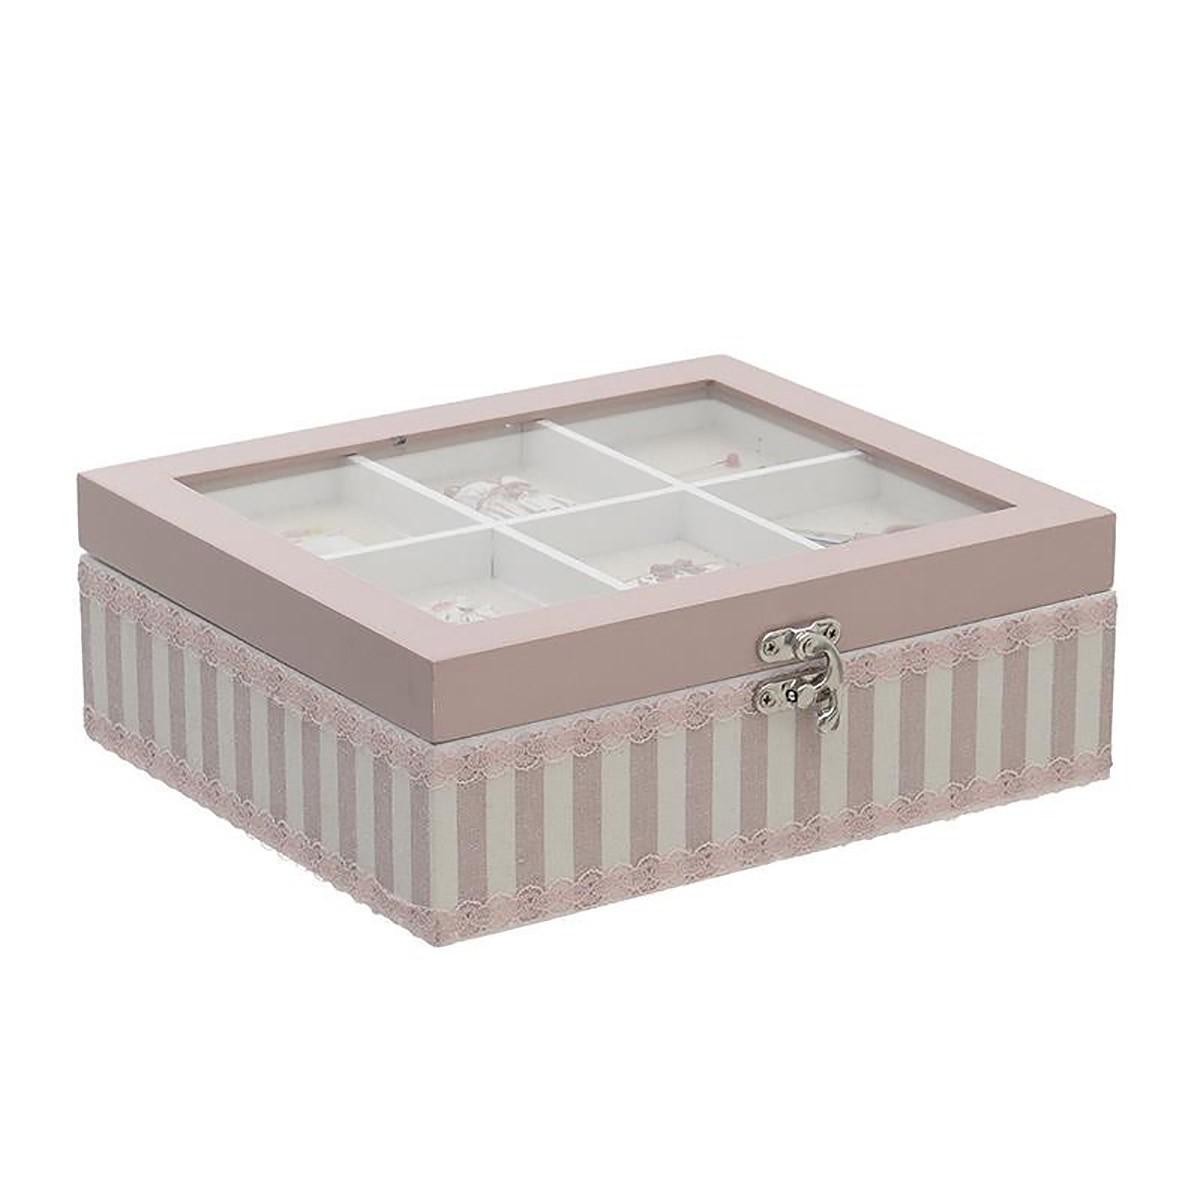 Κουτί Ραπτικής InArt 3-70-874-0008 86843